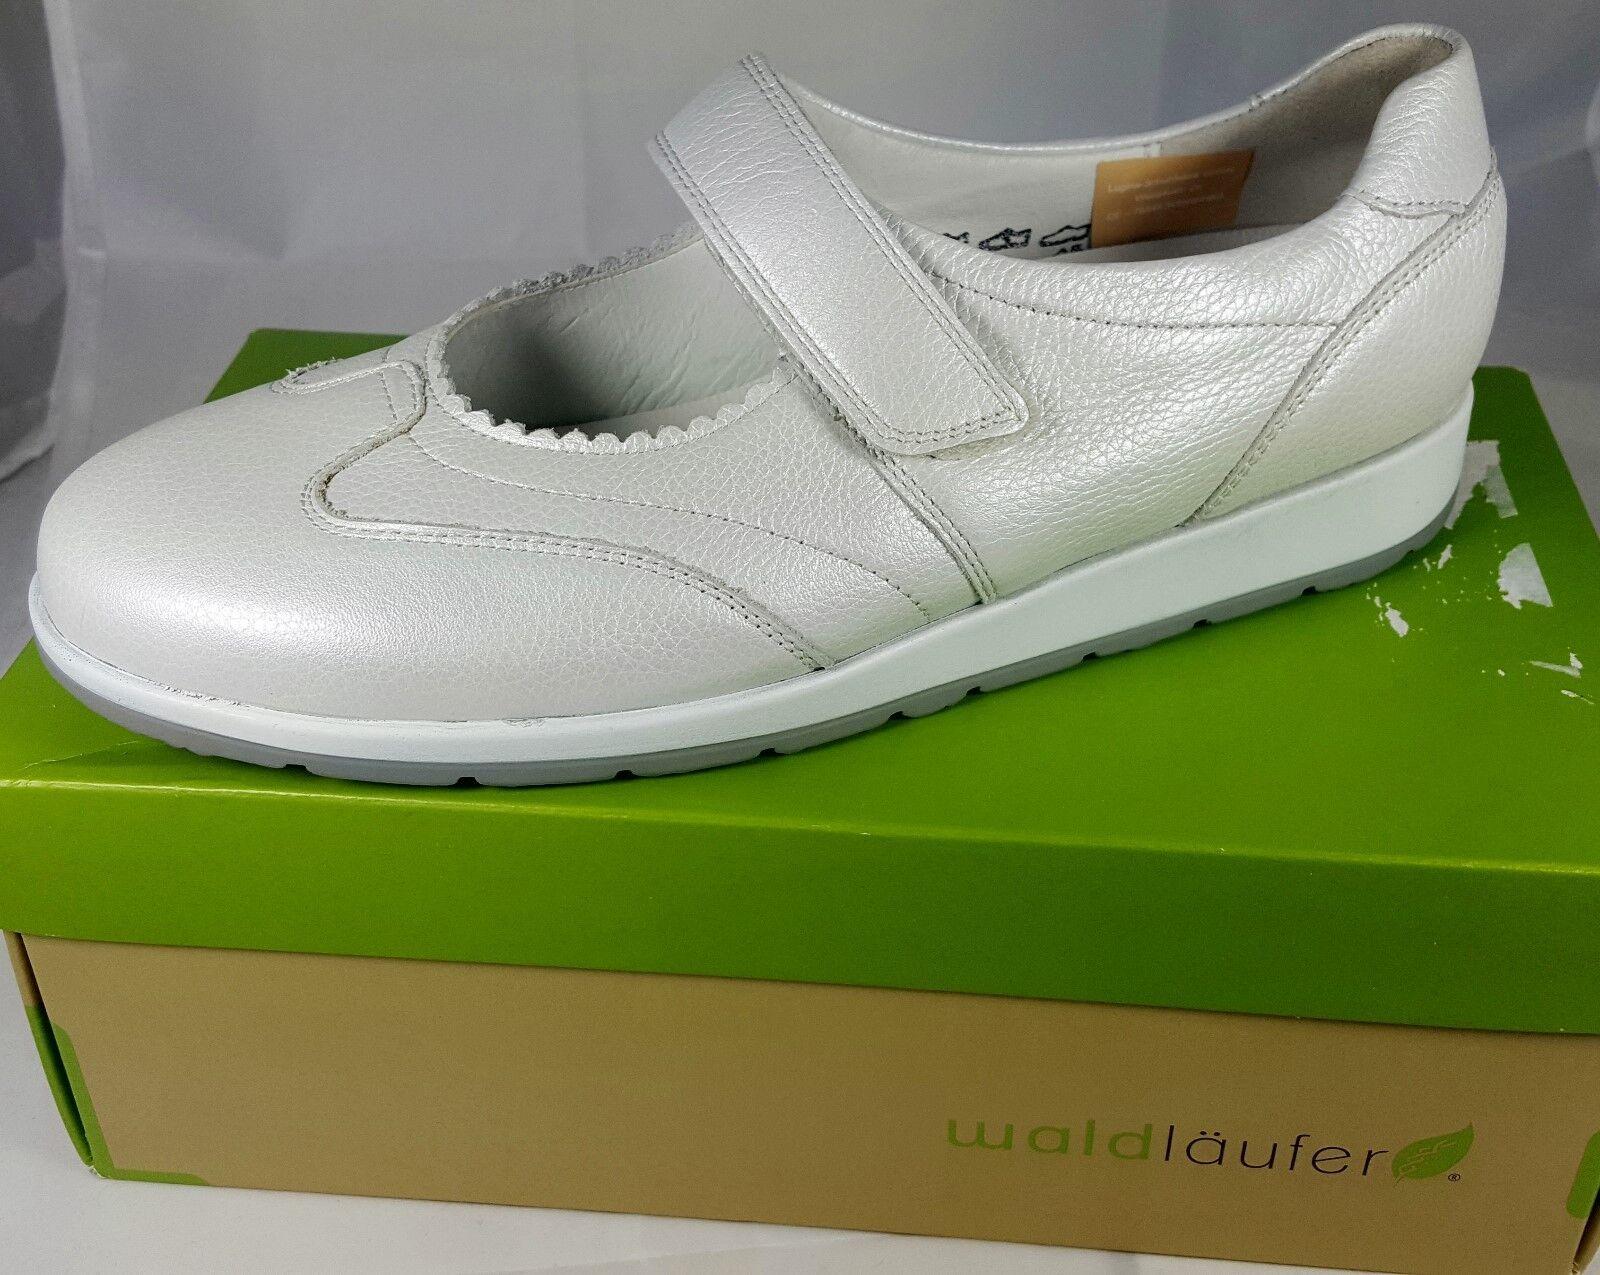 quality design 6fab2 ab304 Schuhe Weite H Vergleich Test +++ Schuhe Weite H Angebote!